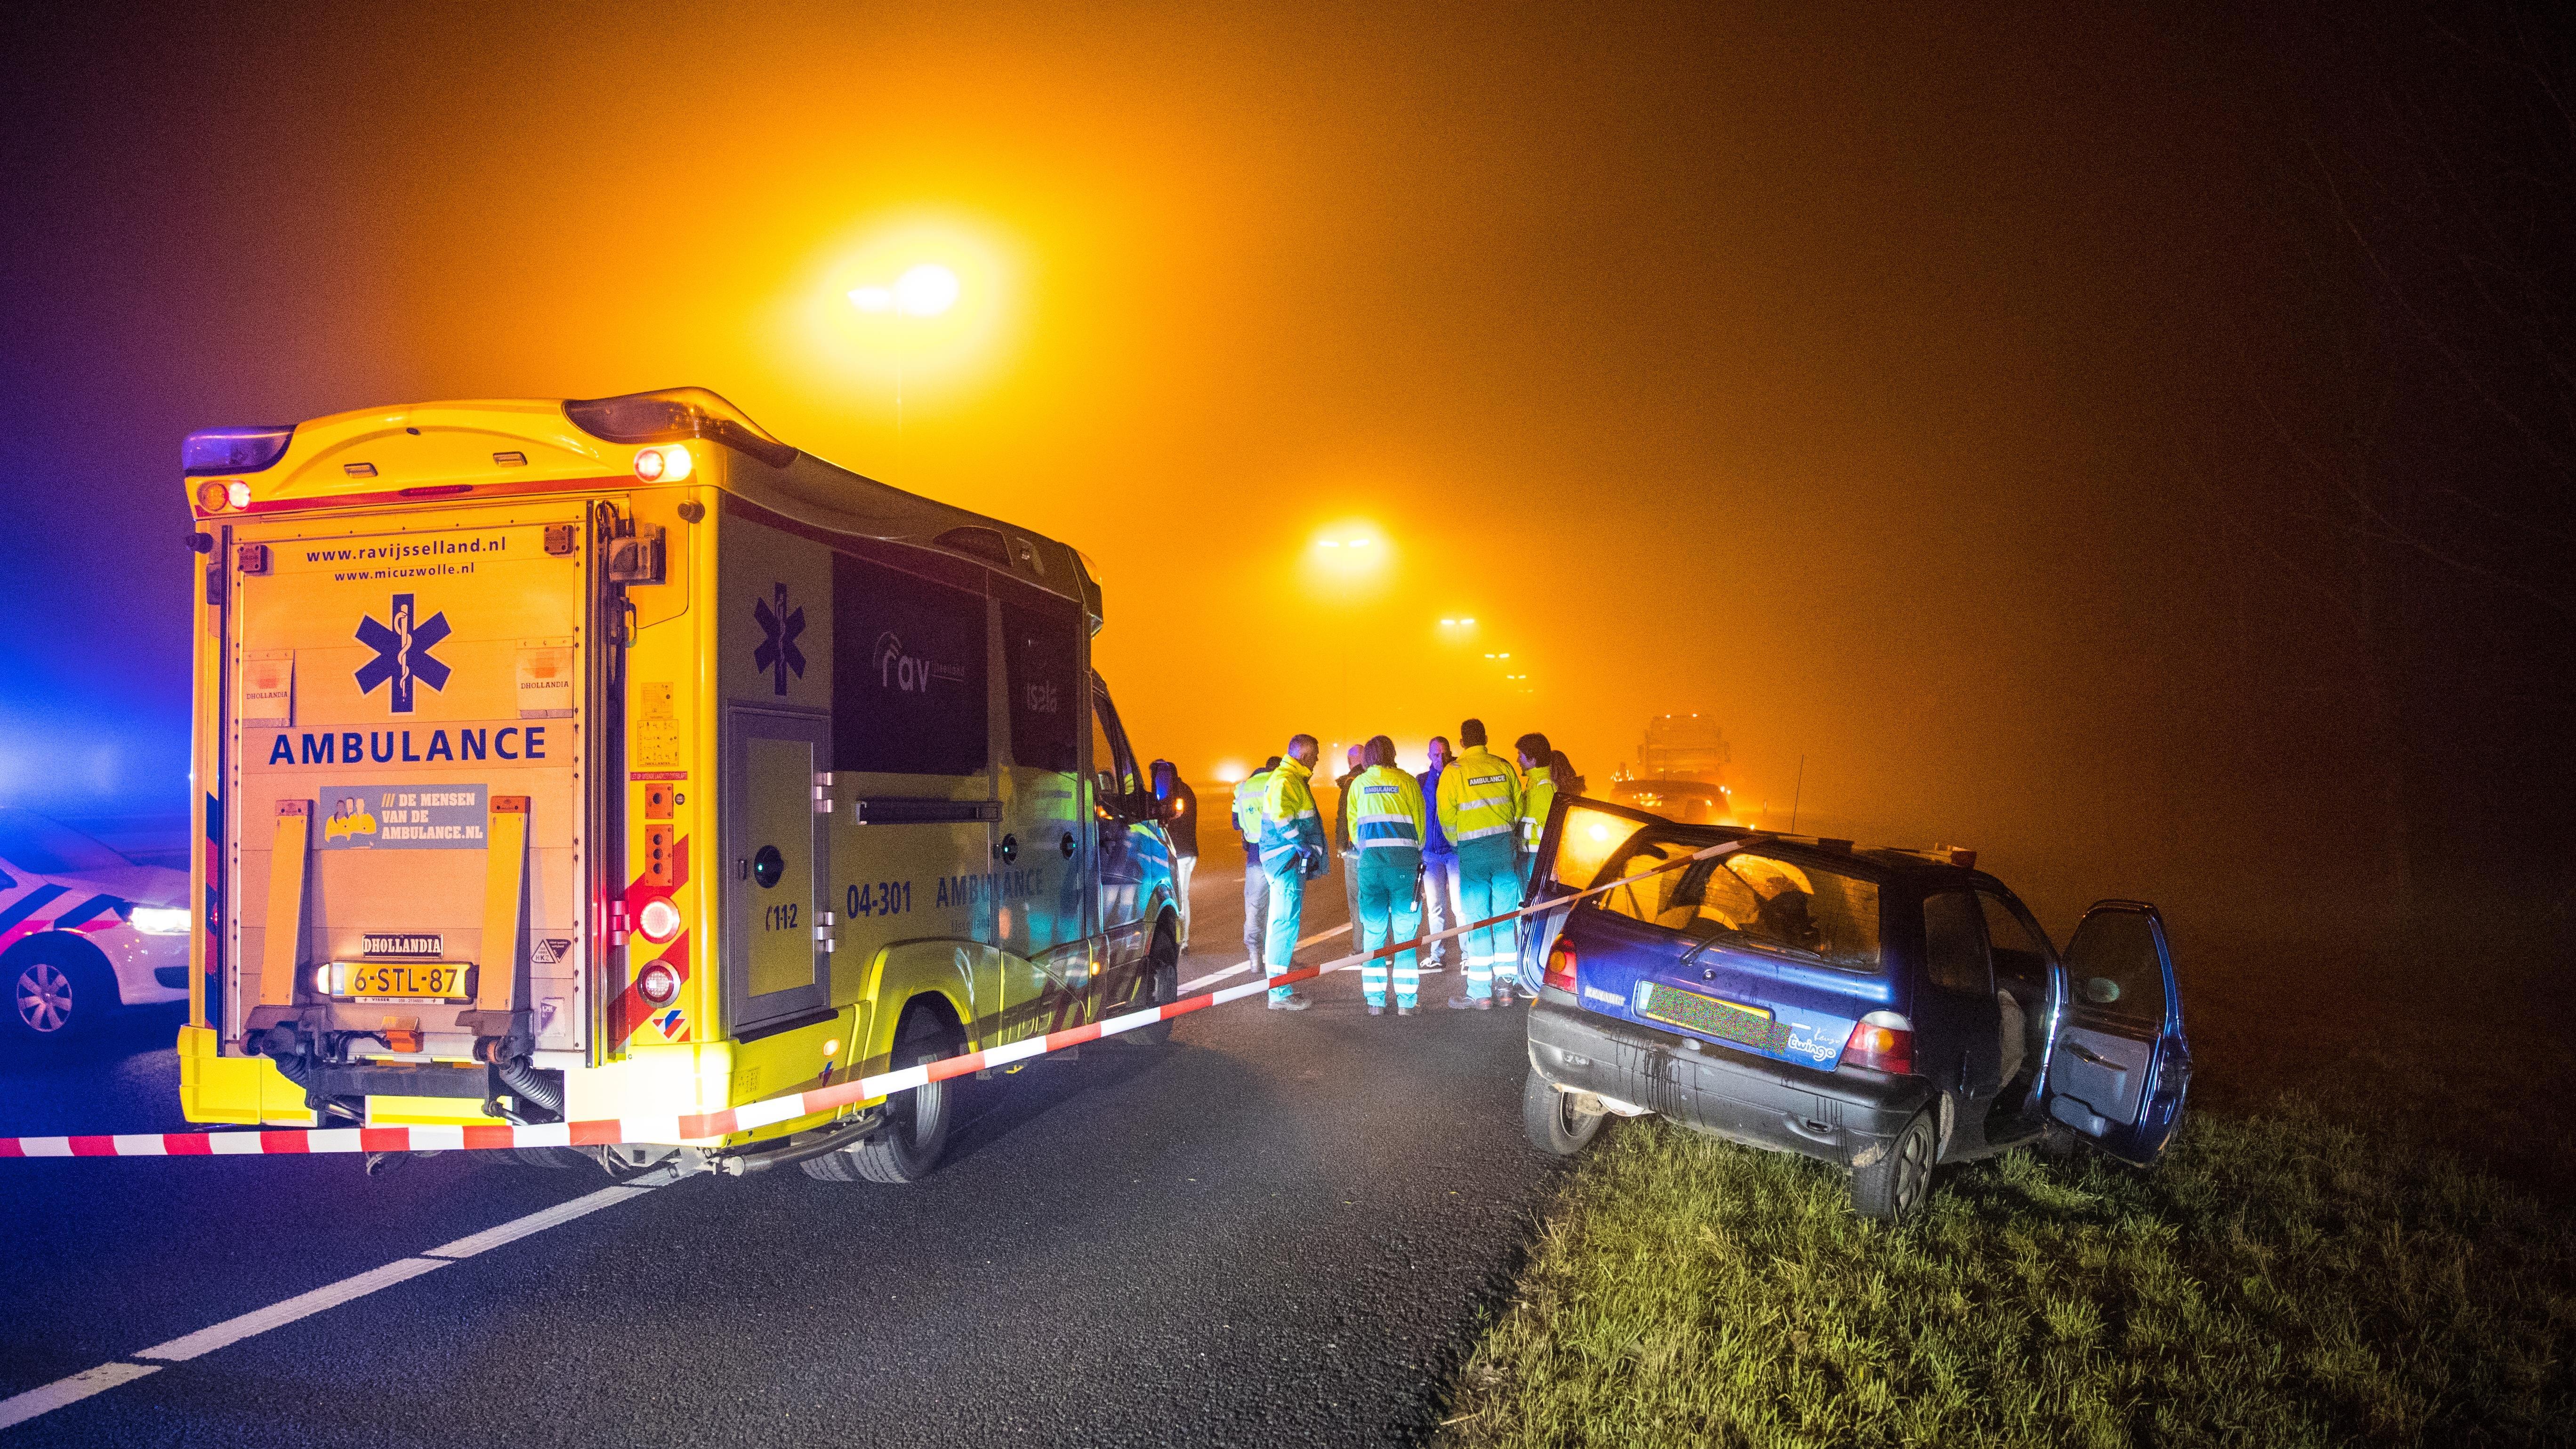 A28 bij Zwolle richting Amersfoort weer open na ongeval.